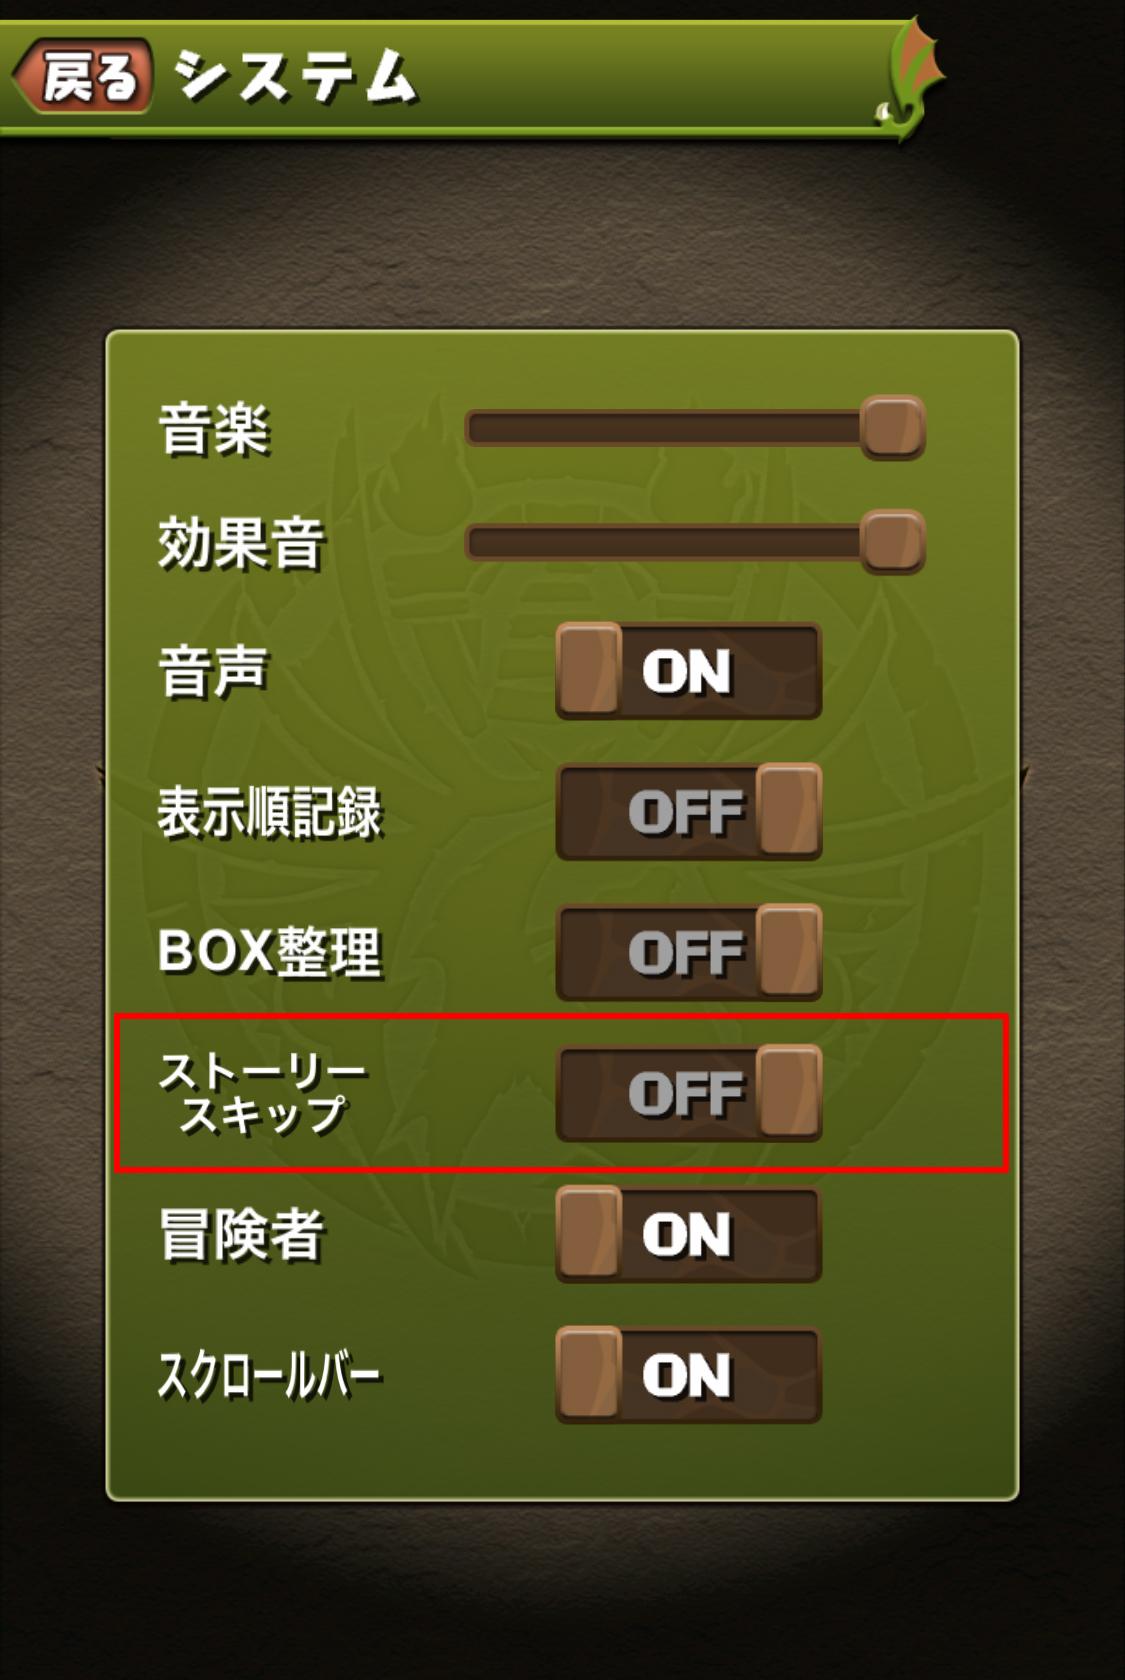 ストーリーダンジョン ソニア編